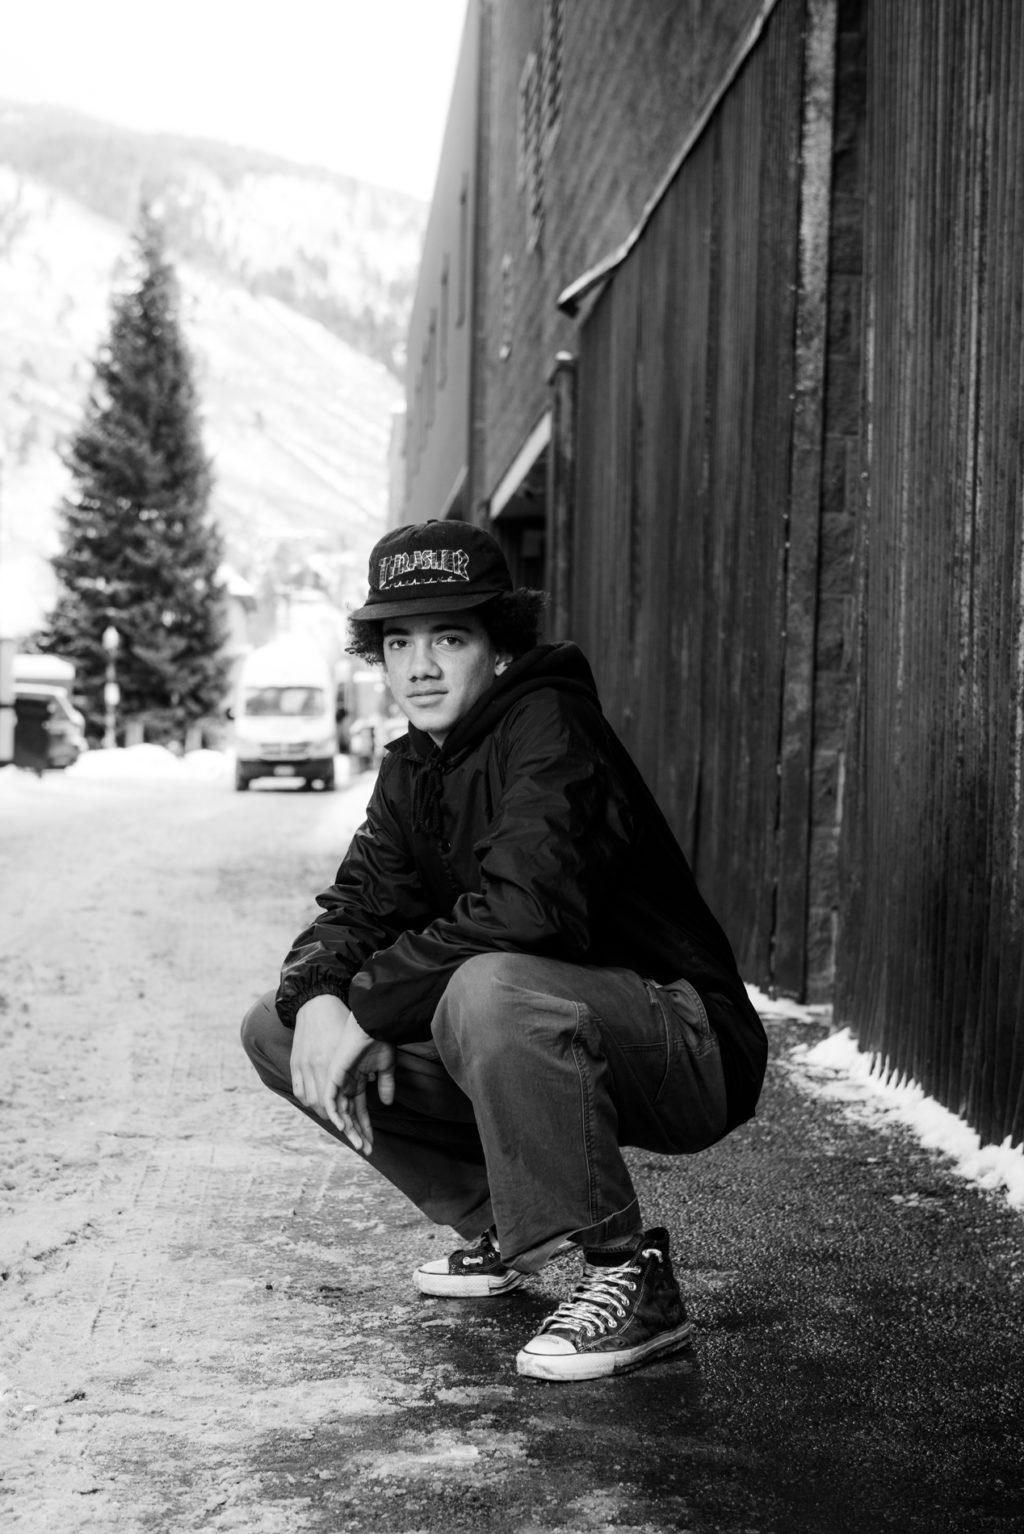 teenage boy in alley on Aspen